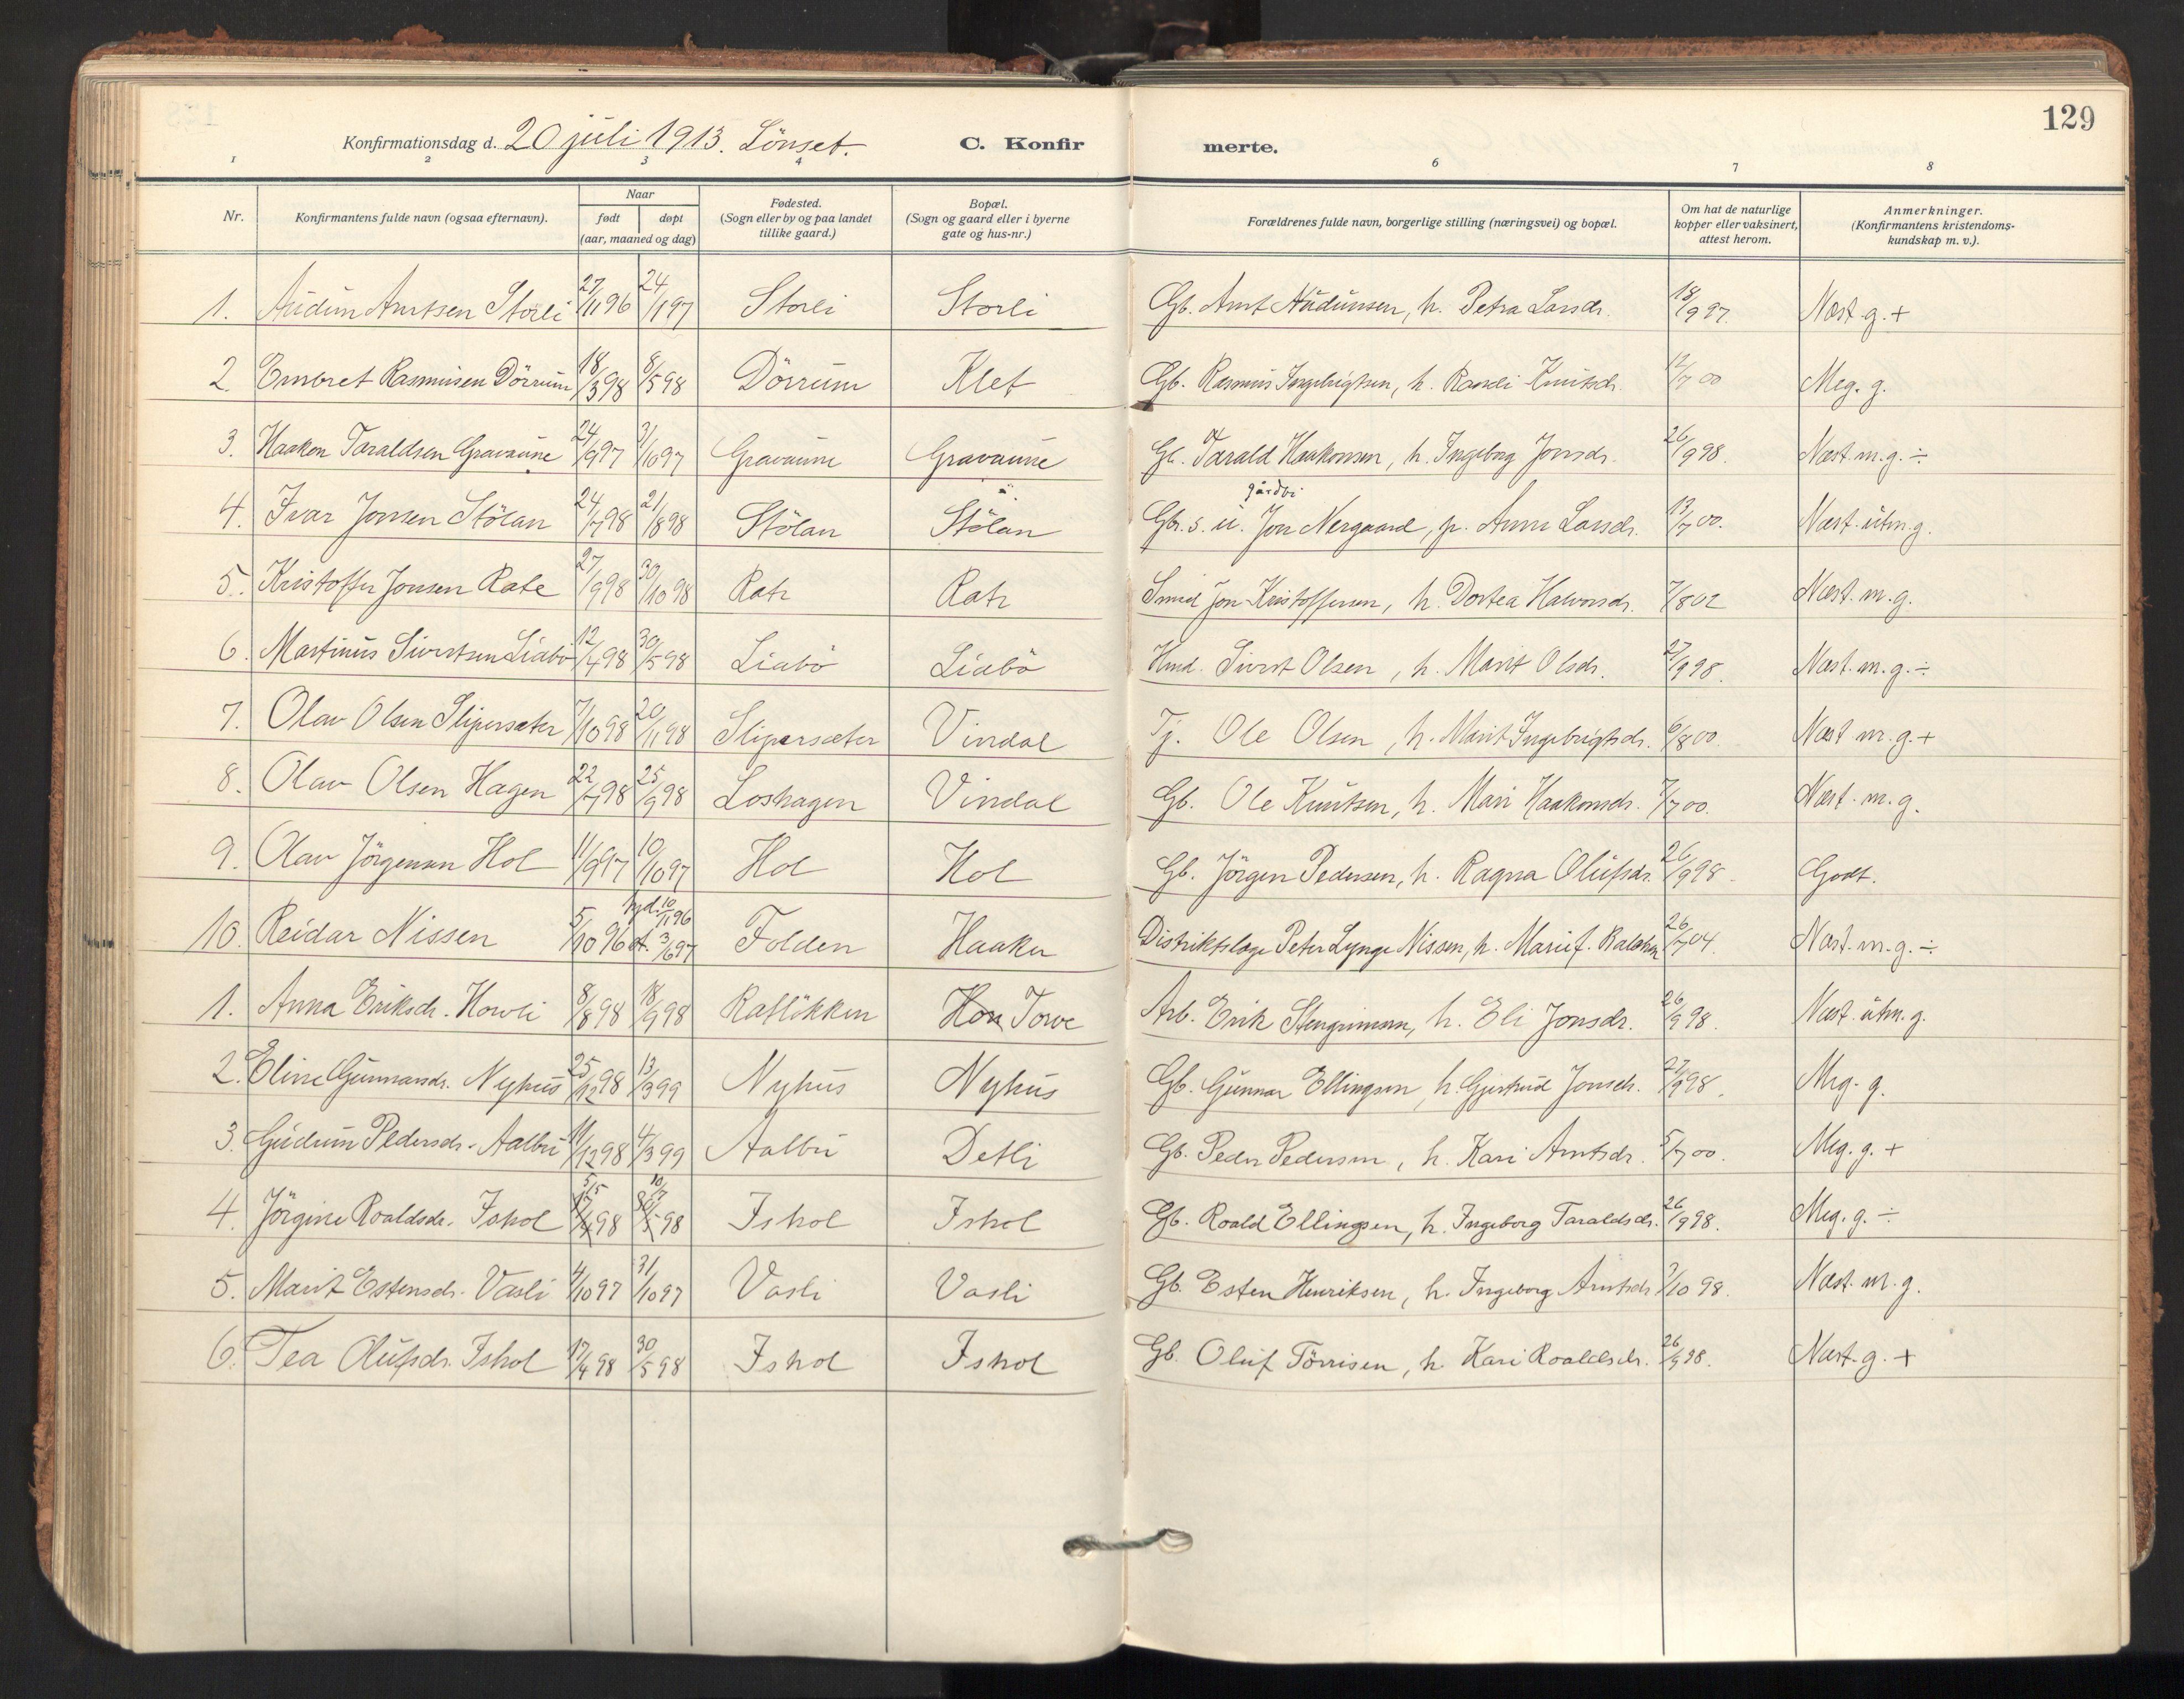 SAT, Ministerialprotokoller, klokkerbøker og fødselsregistre - Sør-Trøndelag, 678/L0909: Ministerialbok nr. 678A17, 1912-1930, s. 129